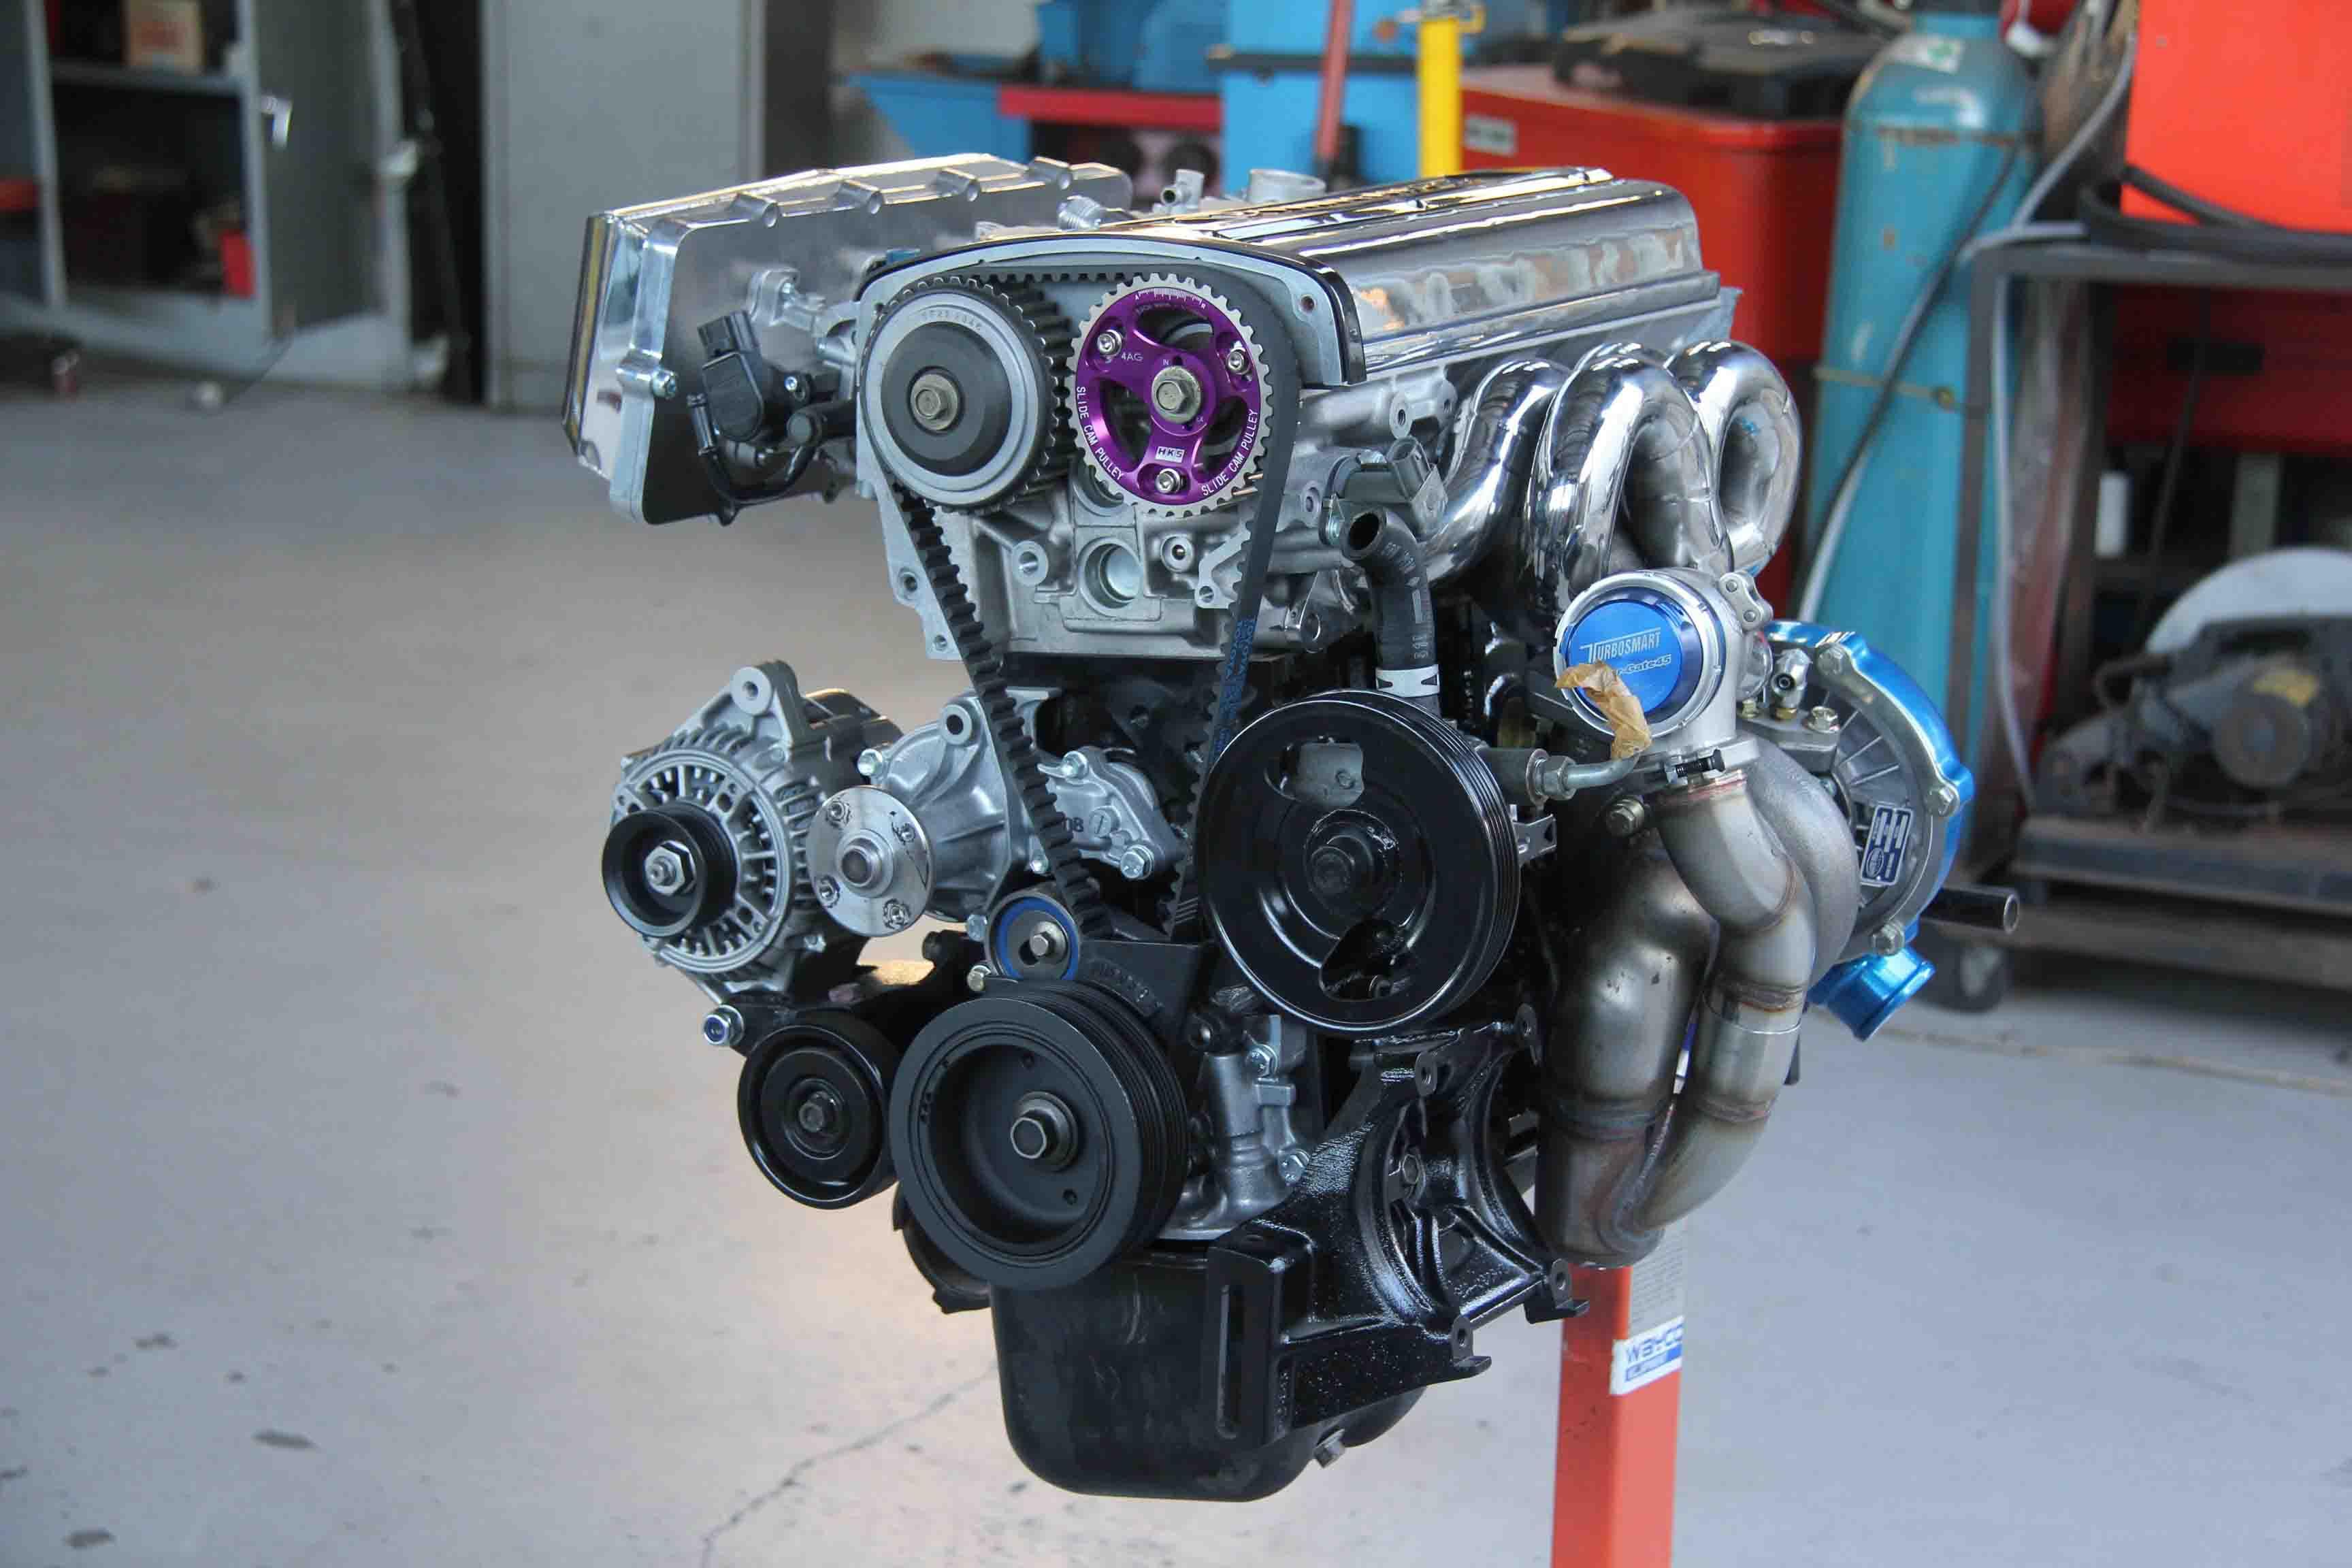 4A-GE เครื่องยนต์ตัวท็อปจากโตโยต้า เหมาะสำหรับผู้ที่รักความเร็ว